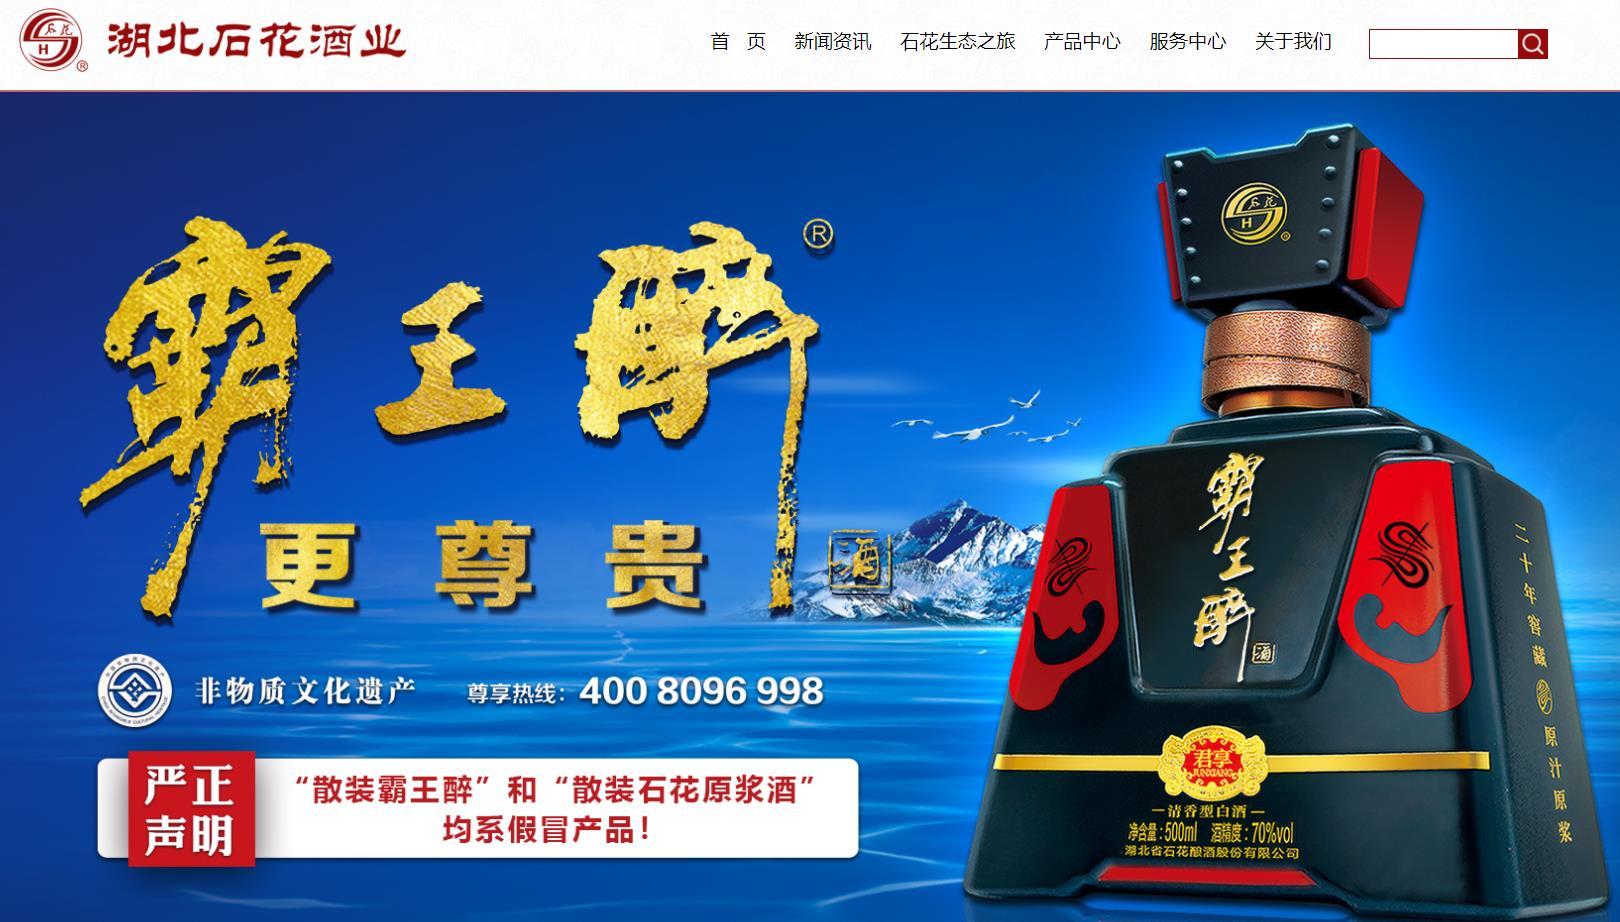 湖北石花酒官网 湖北省石花酿酒股份有限公司